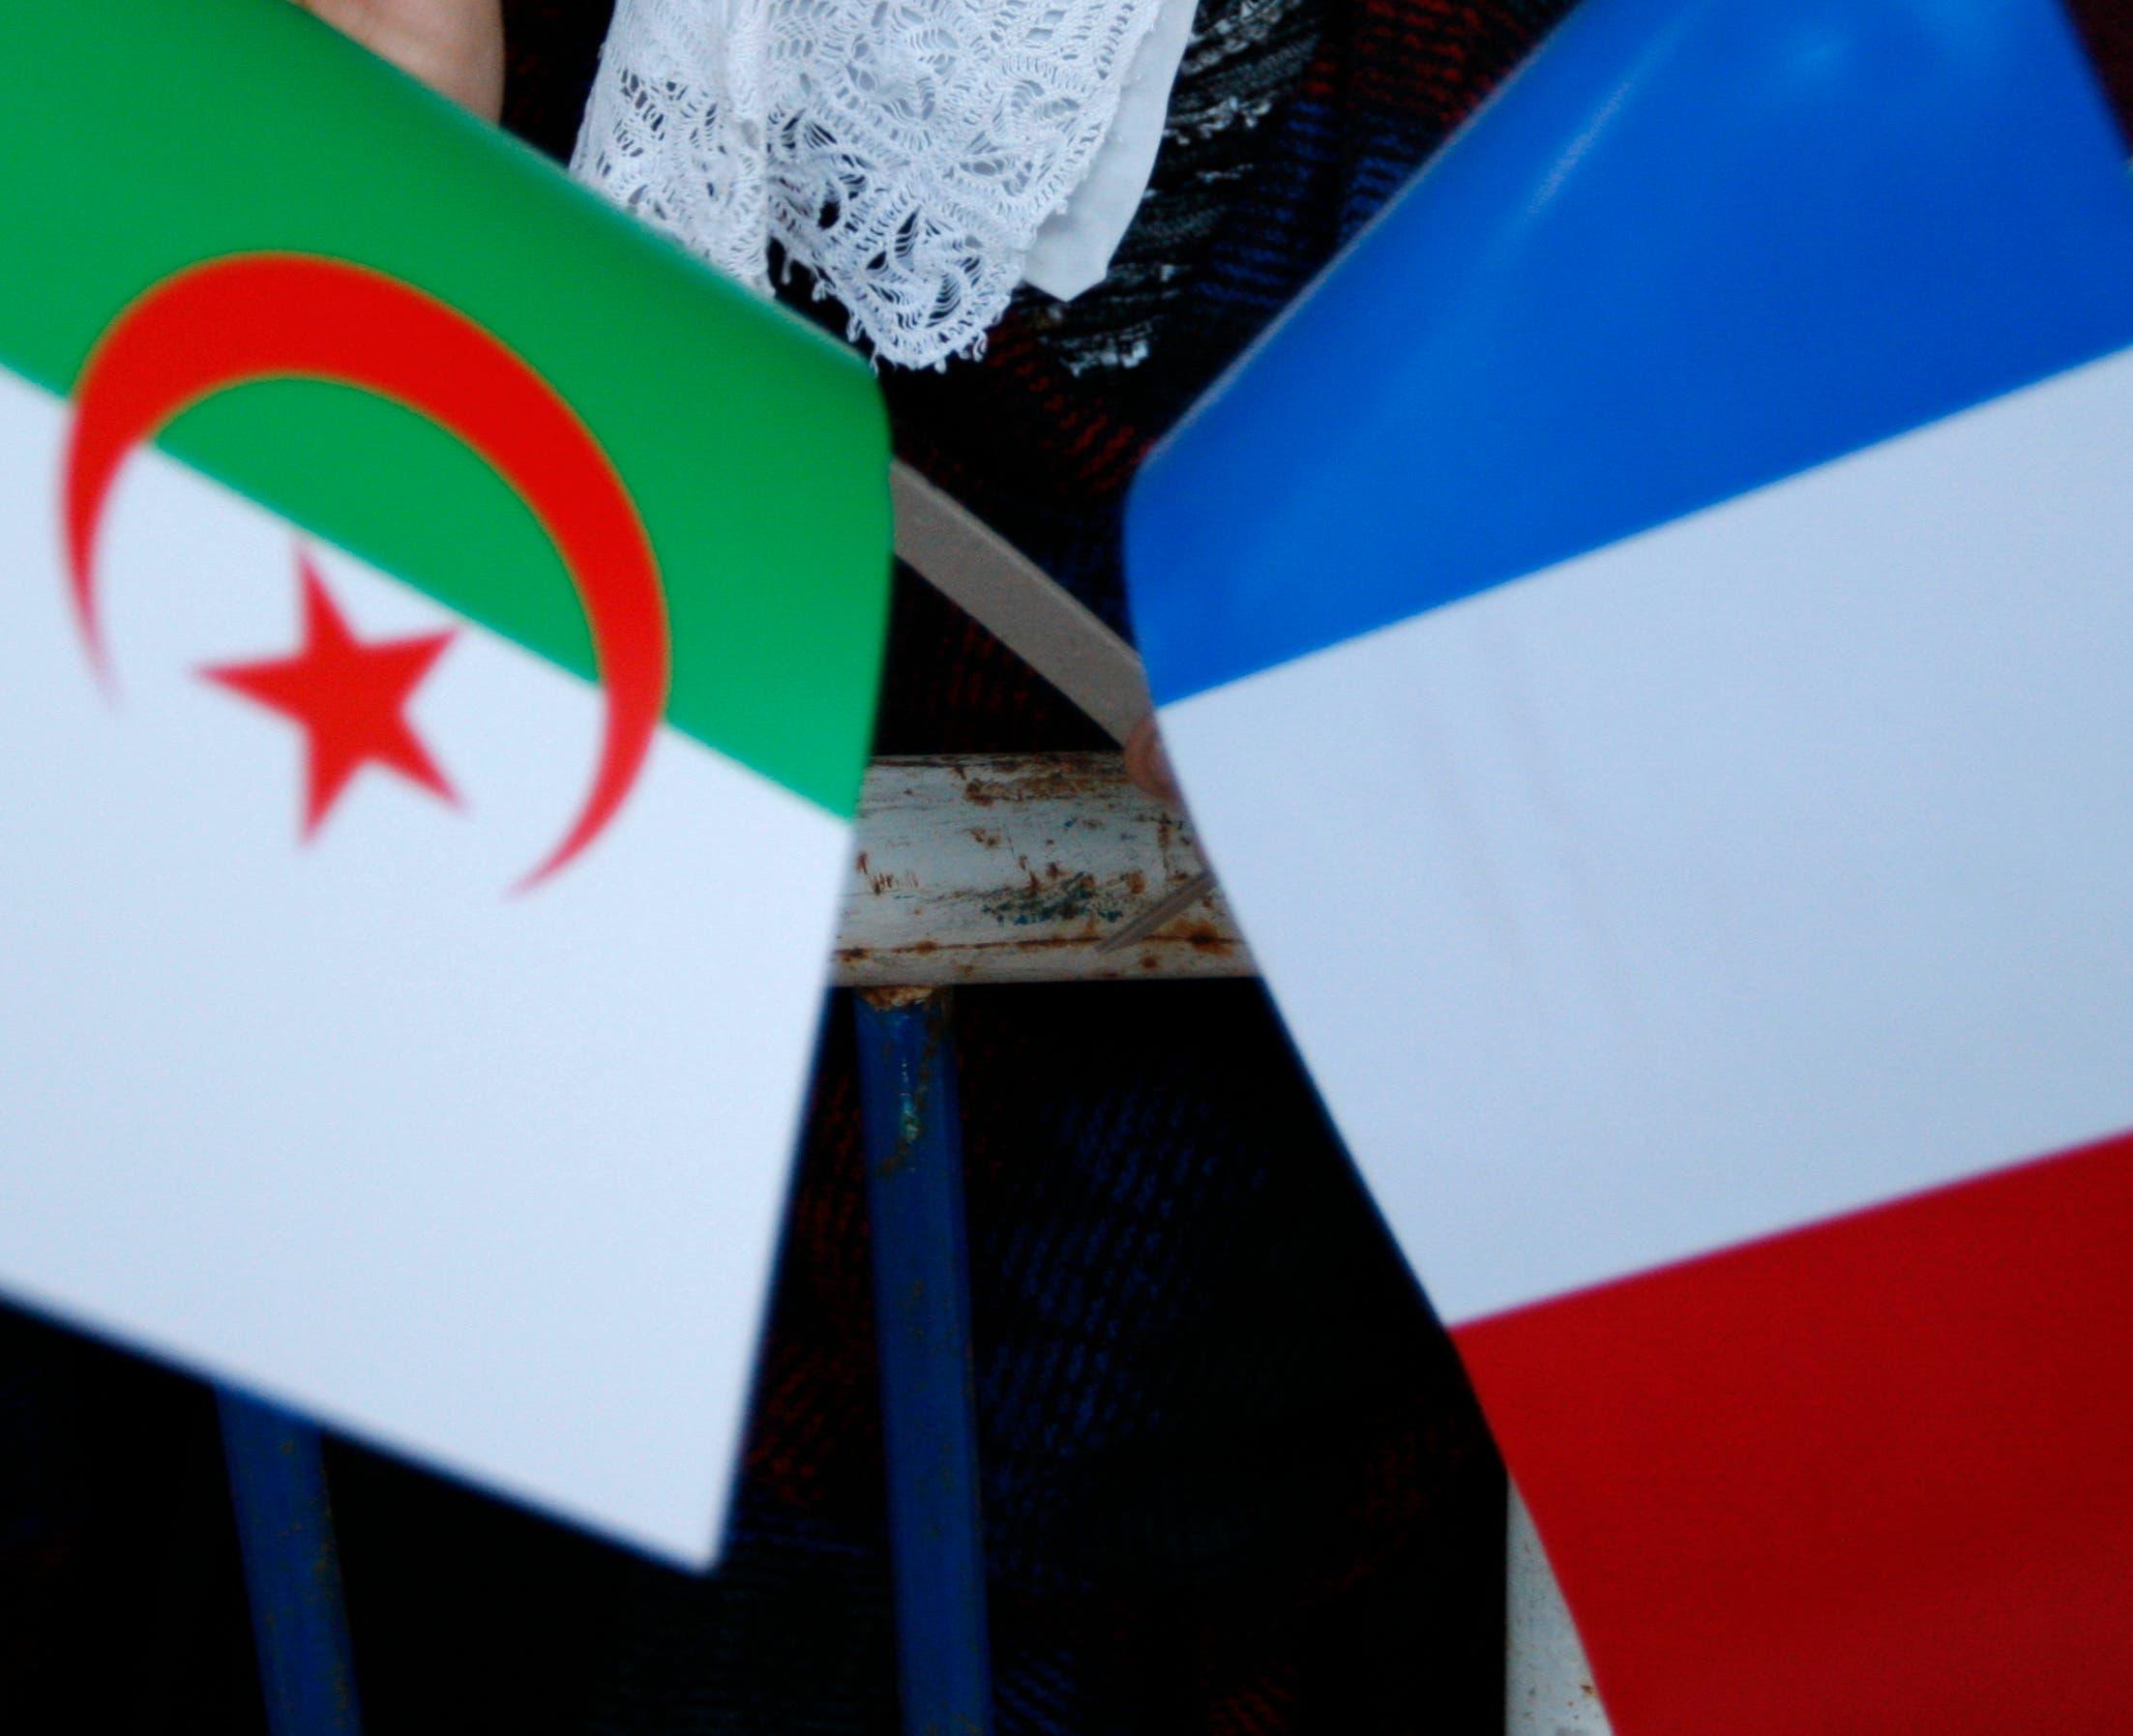 Algeria oo qaaday tallaabo aysan fileyn Faransiiska oo aargudasho ah (Warbixin)